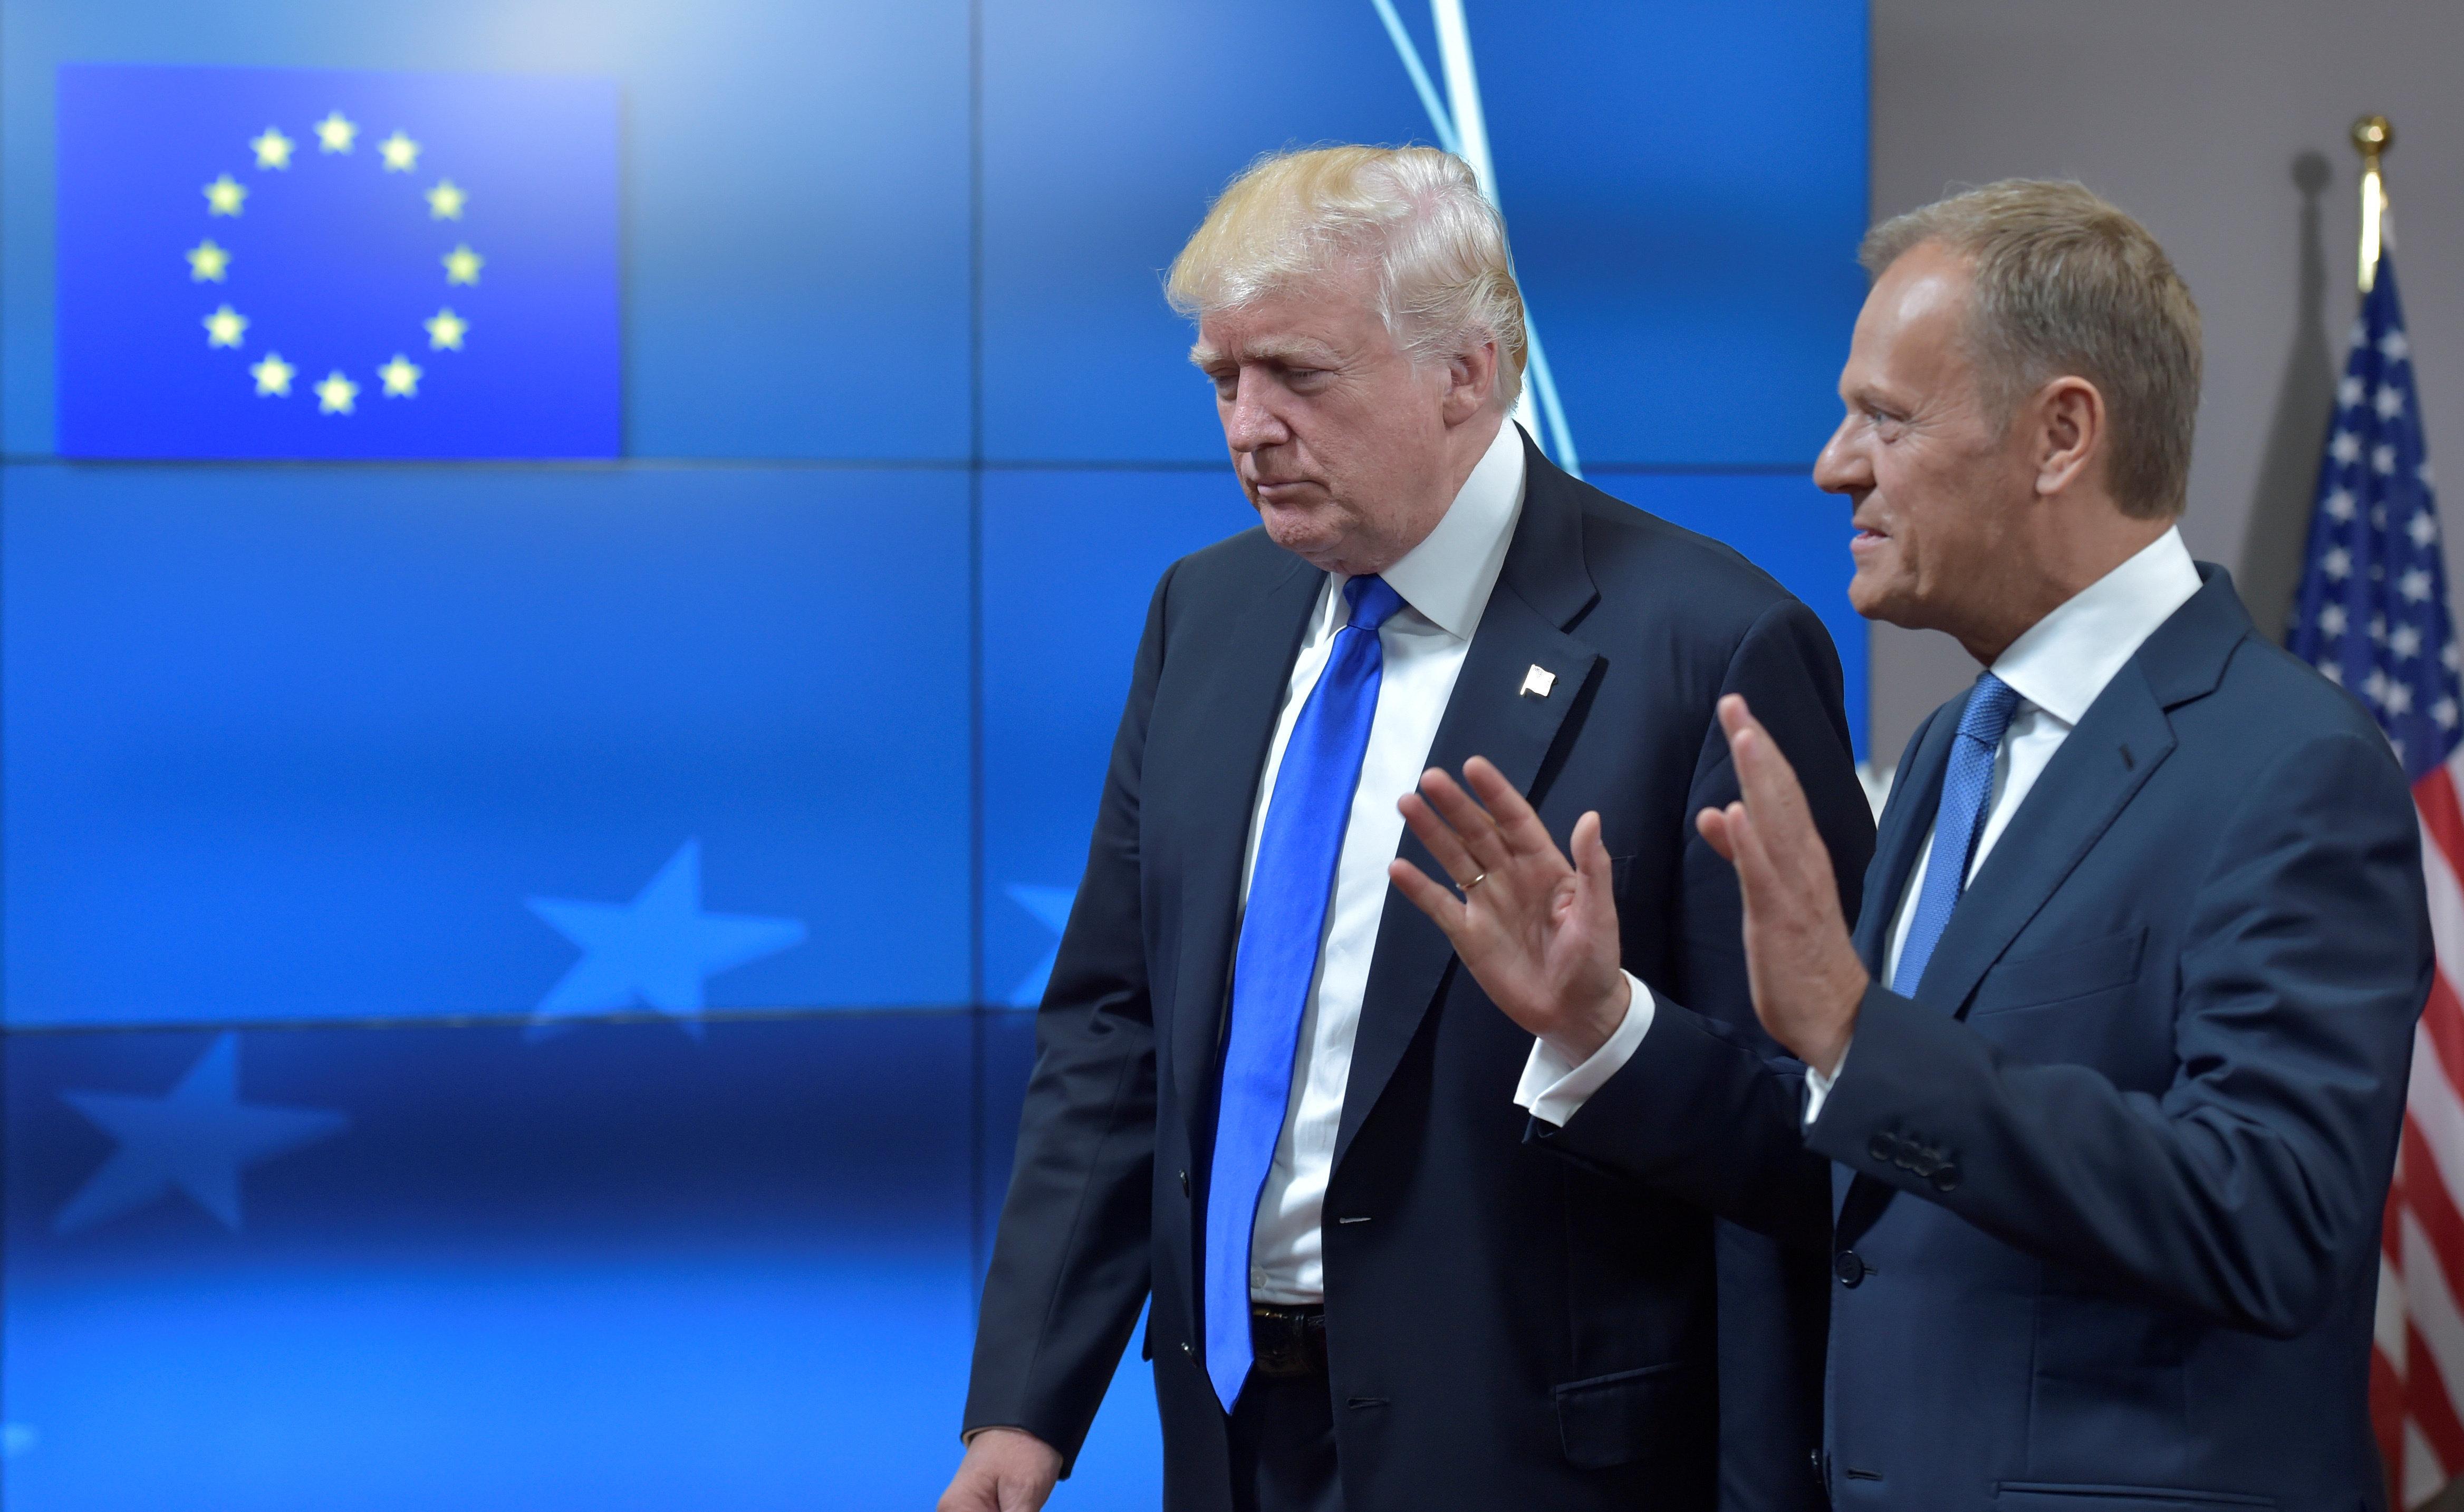 Τουσκ: Το να πει κανείς ότι η ΕΕ και οι ΗΠΑ είναι εχθροί είναι «fake